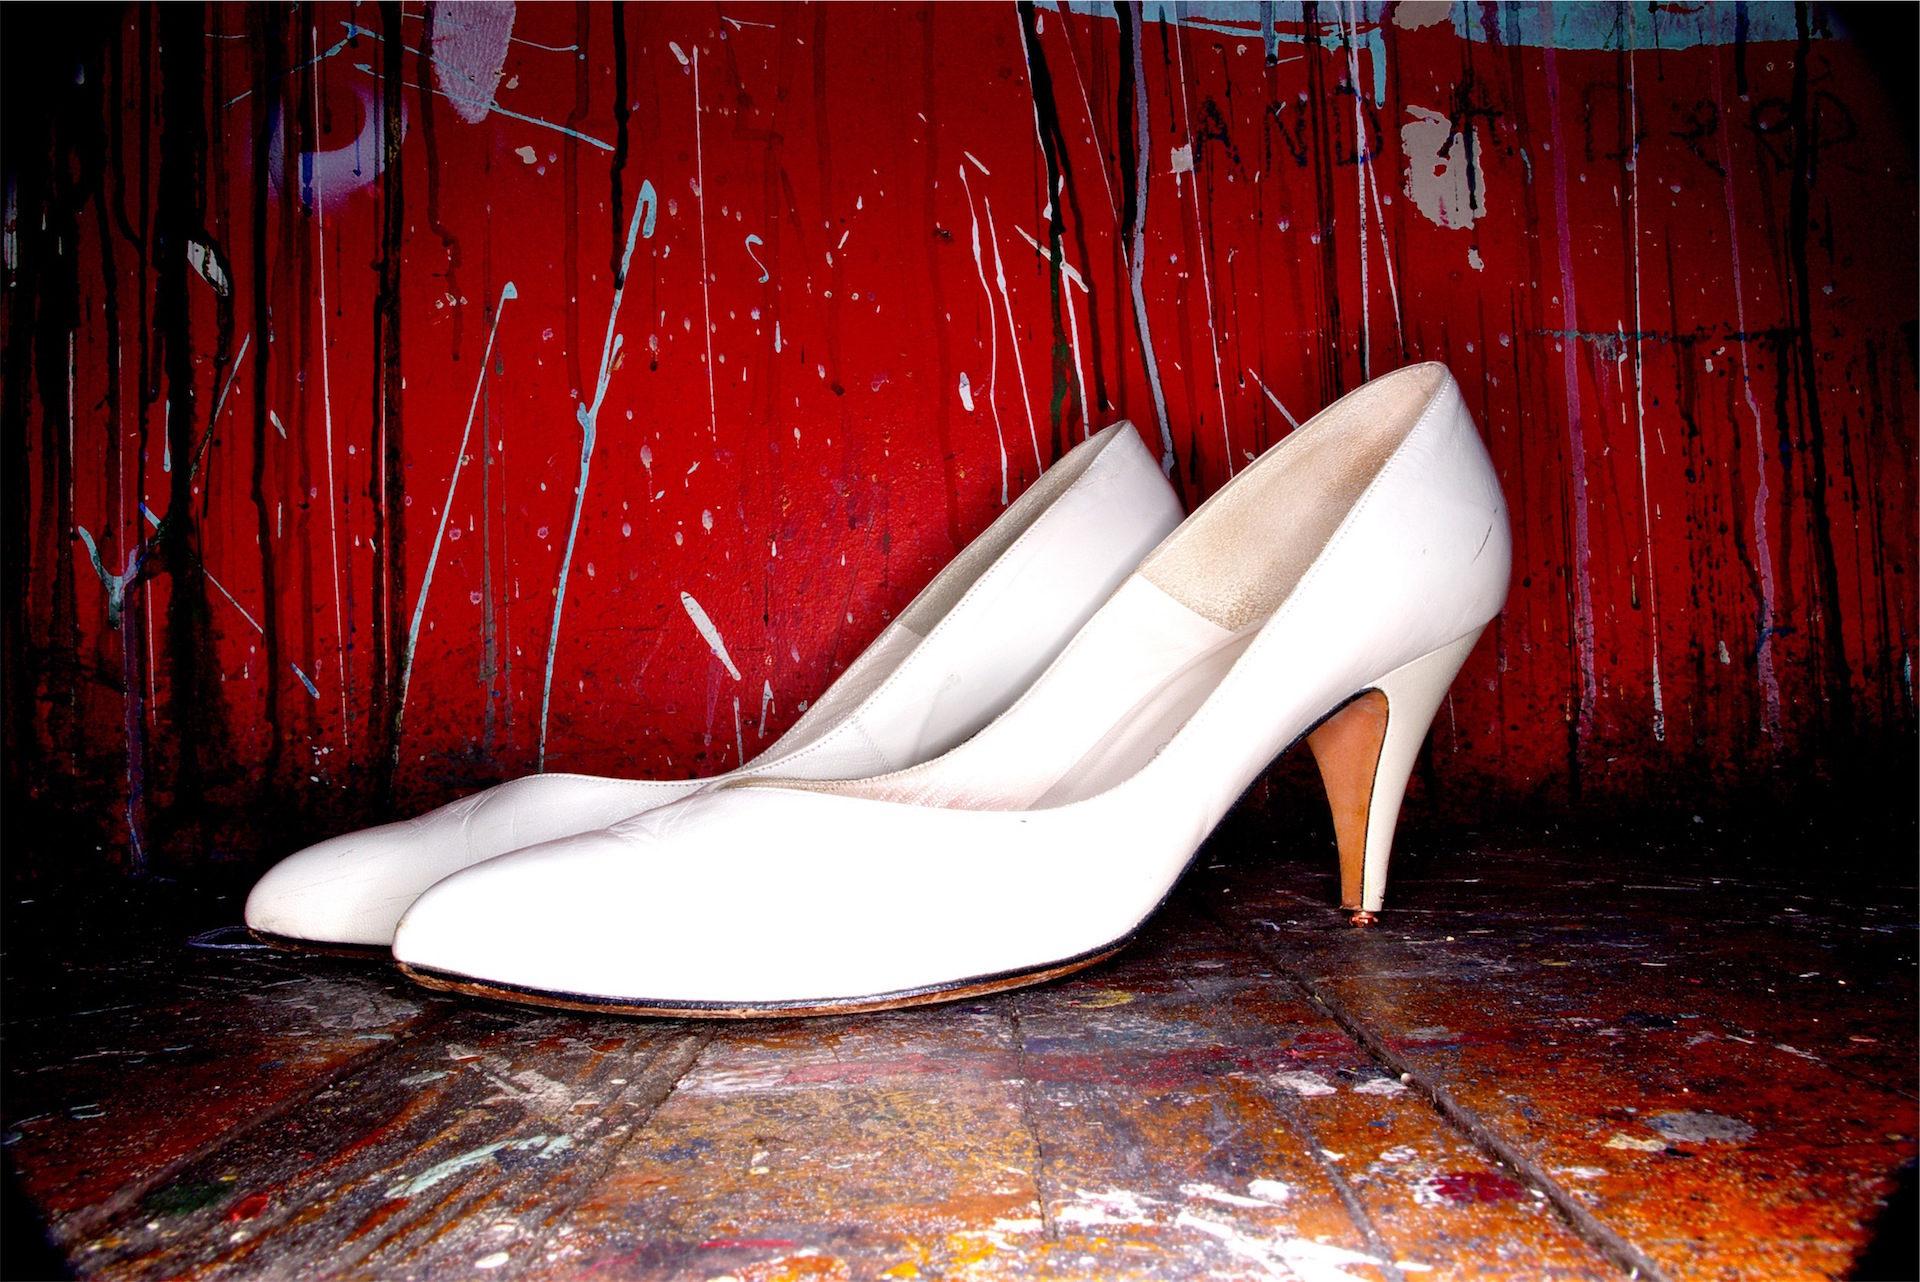 zapatos, tacones, pintura, manchas, blanco - Fondos de Pantalla HD - professor-falken.com